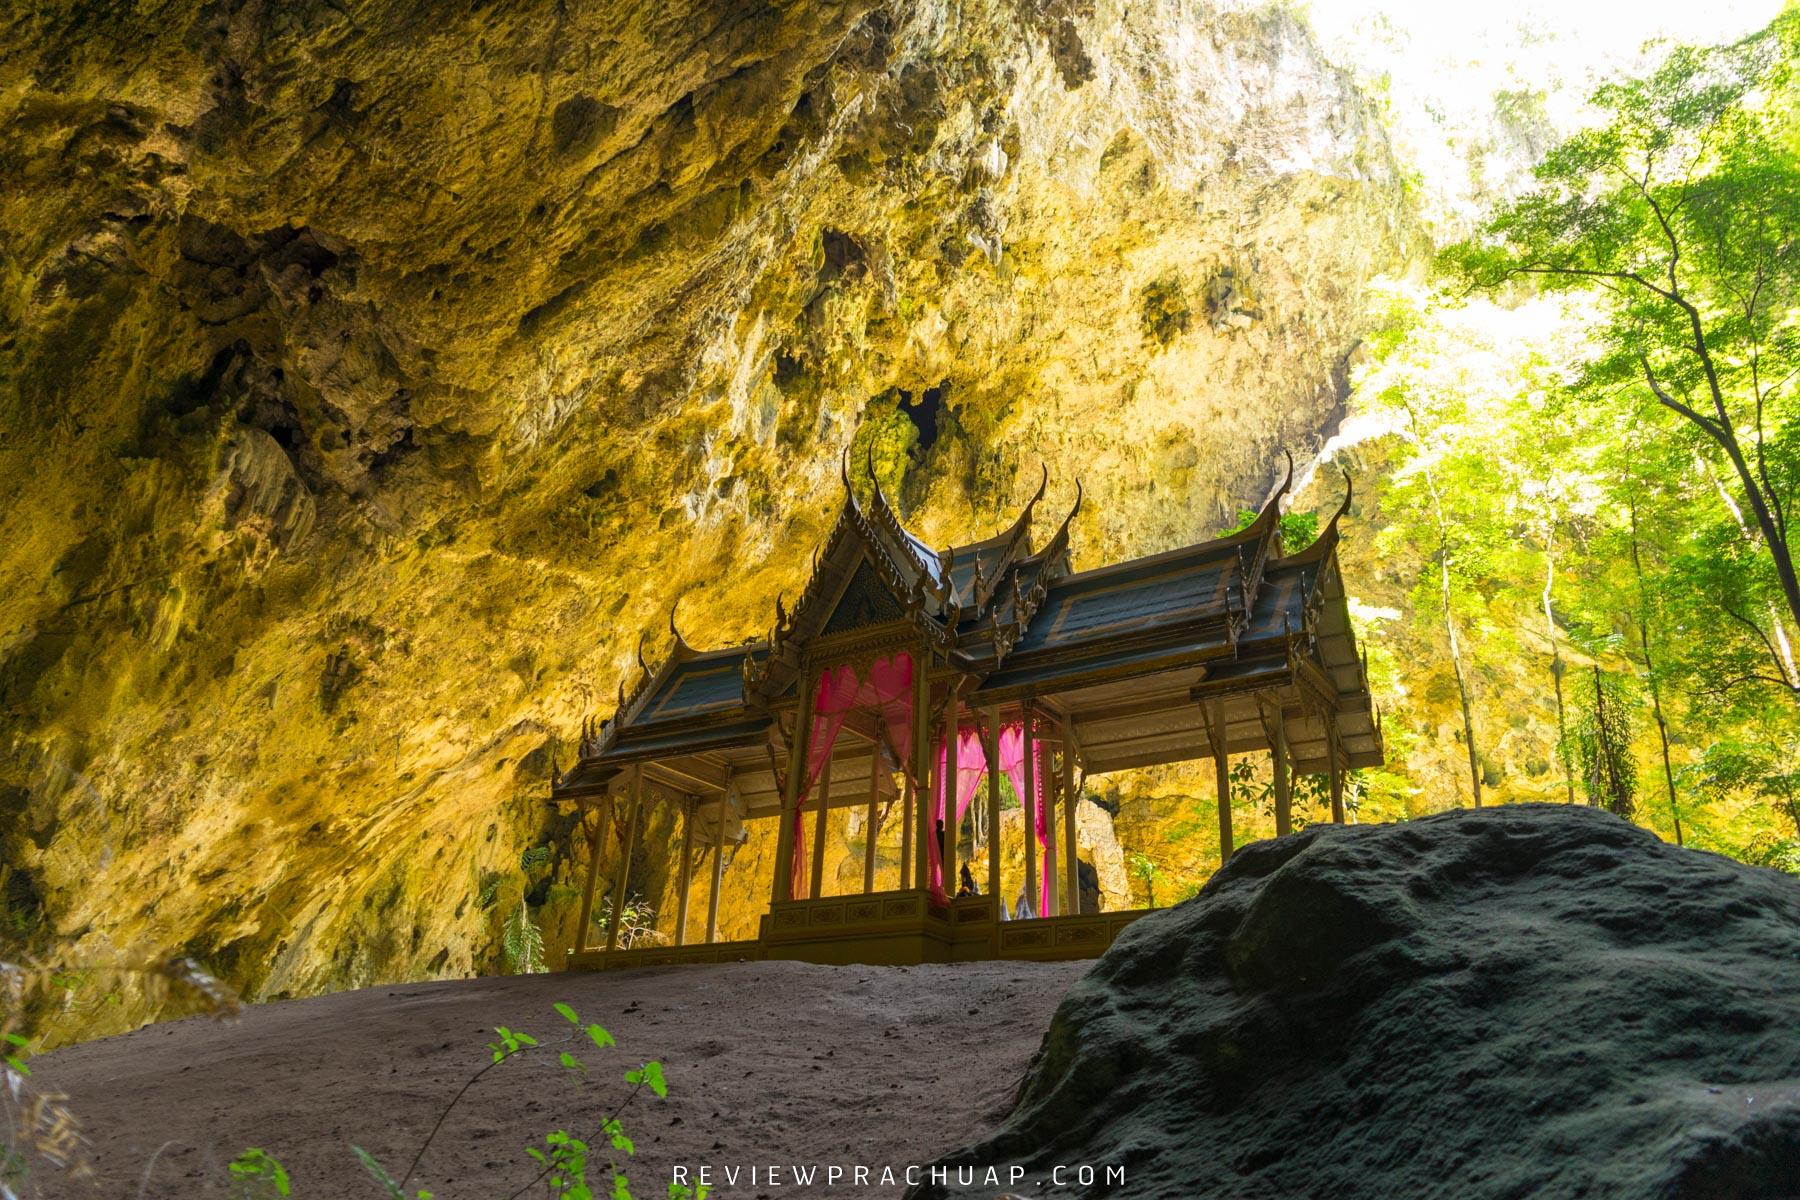 พิกัดปักหมุด ถ้ำพระยาพระนคร ชมพระที่นั่งคูหาคฤหาสน์อยู่ใจกลางถ้ำเป็นสิ่งประดิษฐ์สถานอันศักดิ์สิทธิ์ของคนประจวบ